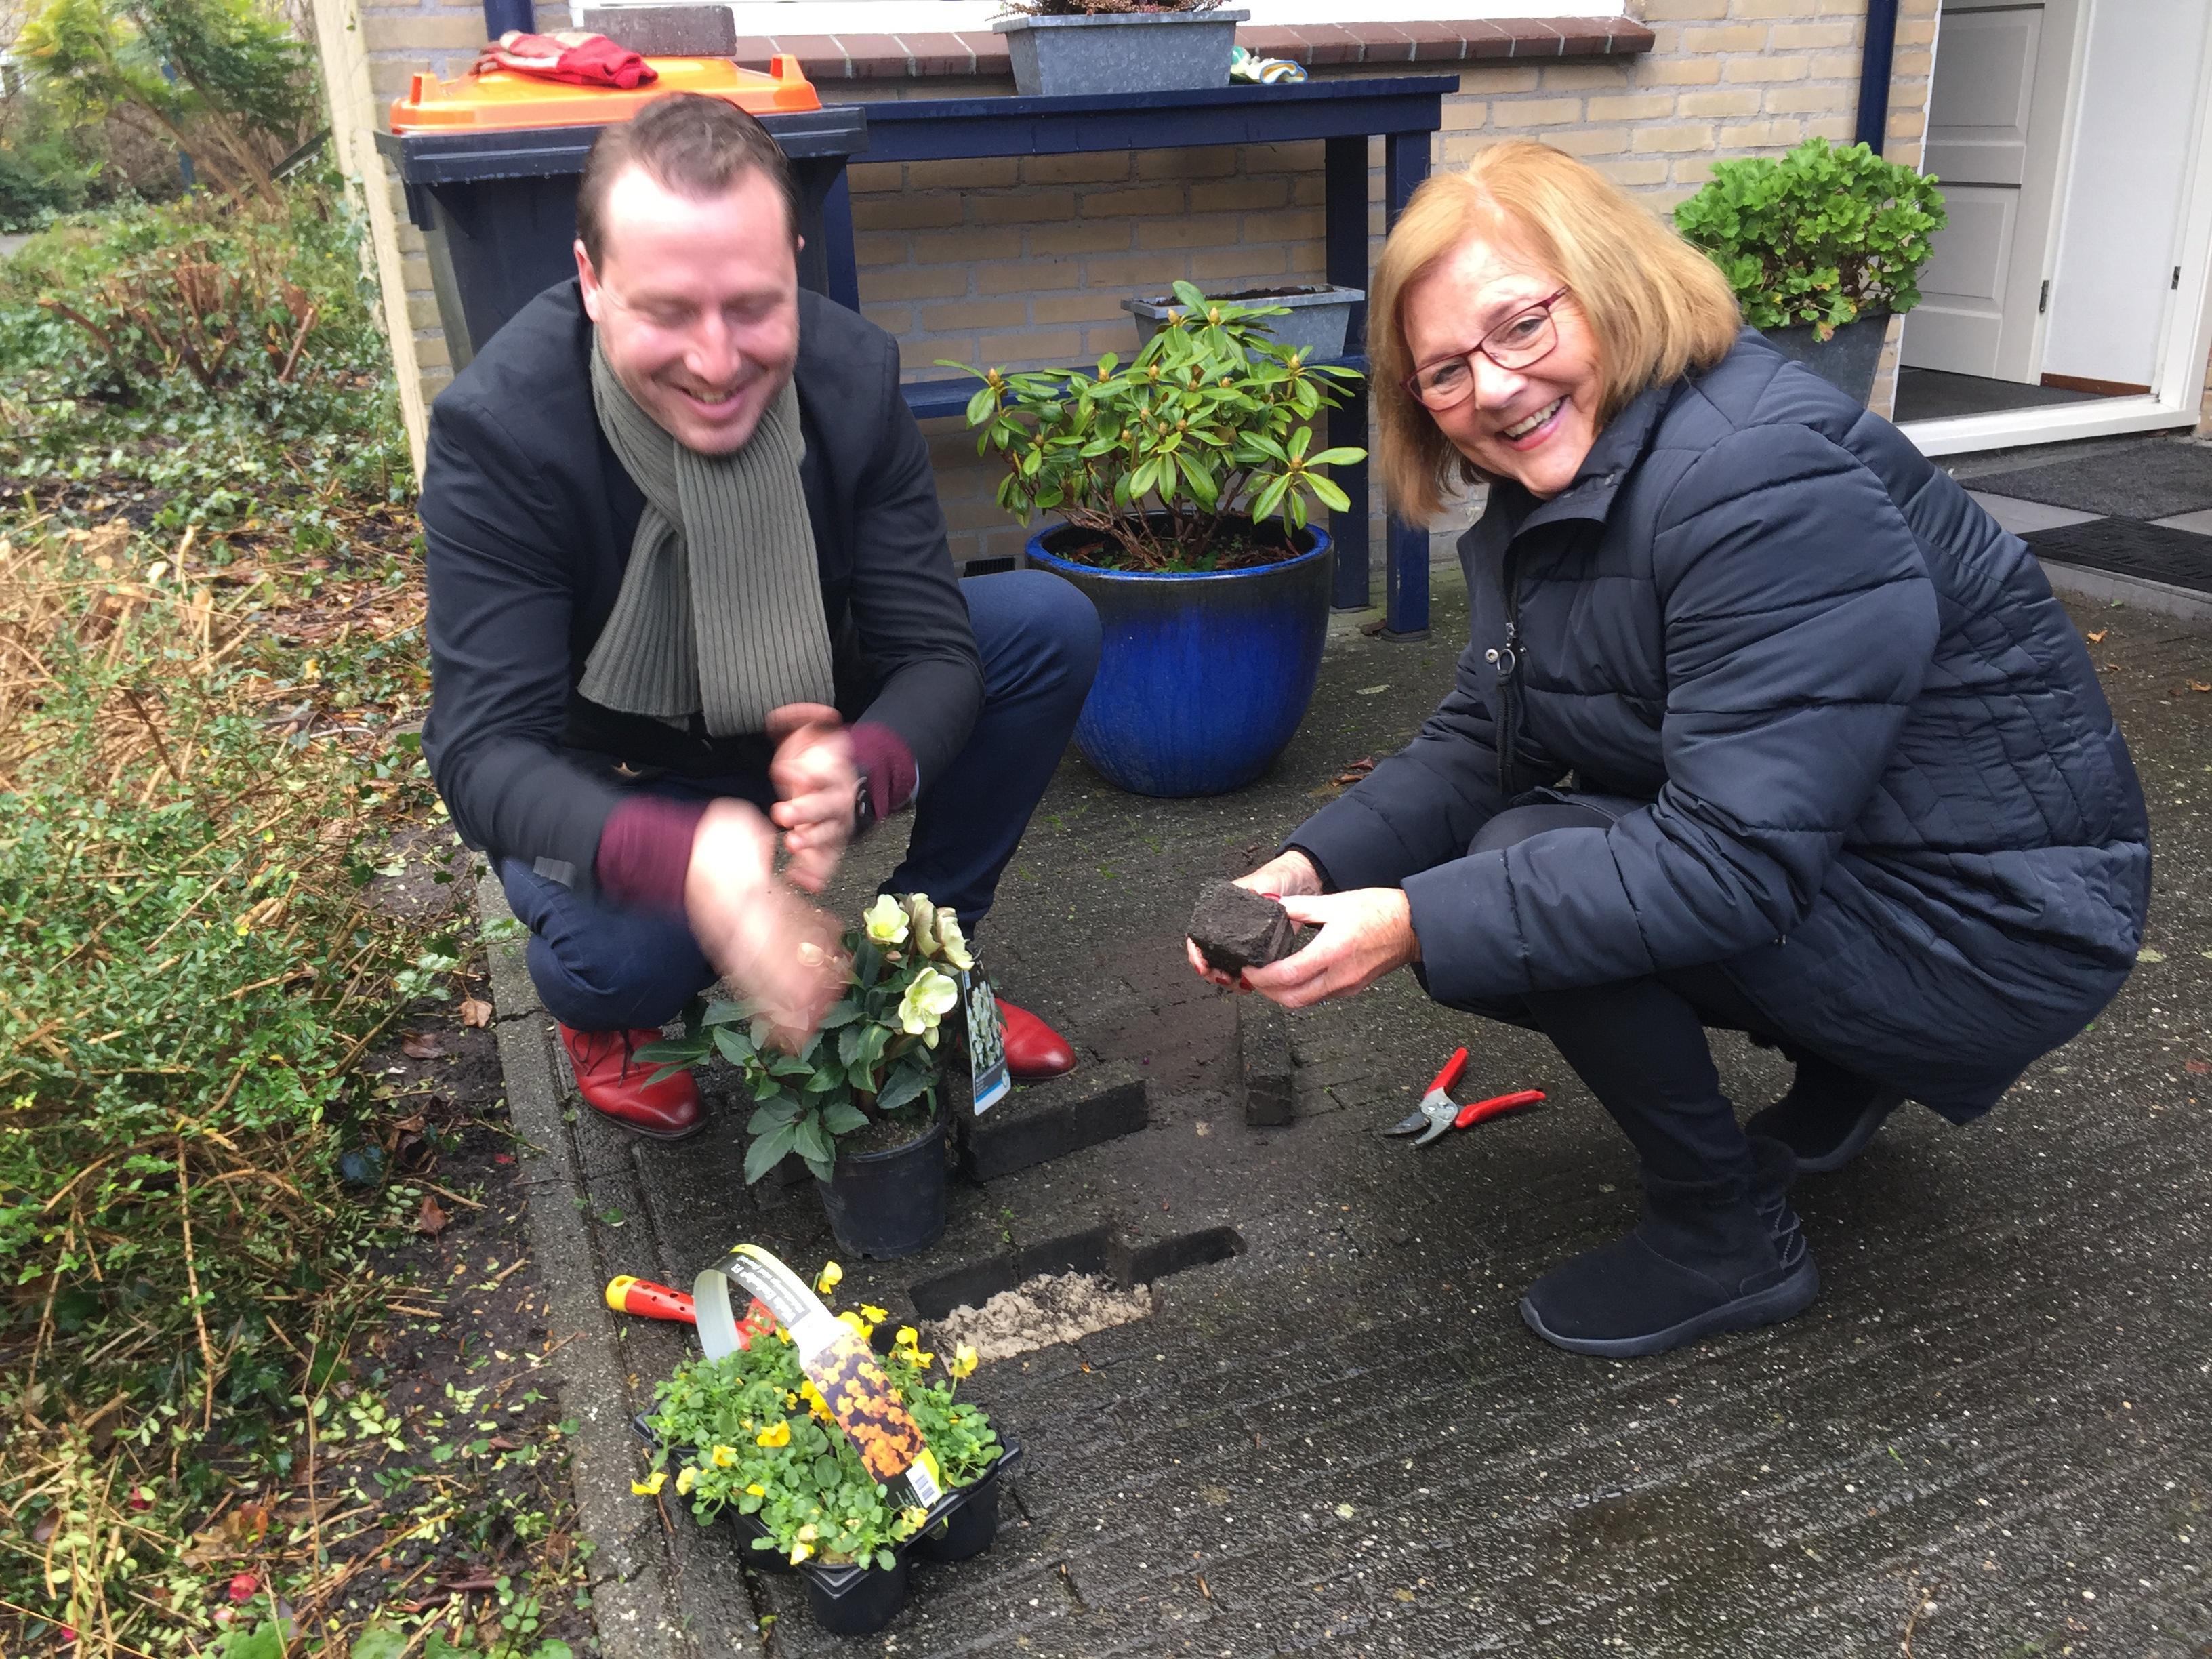 Eerste stap op weg naar groenere tuinen Hoorn